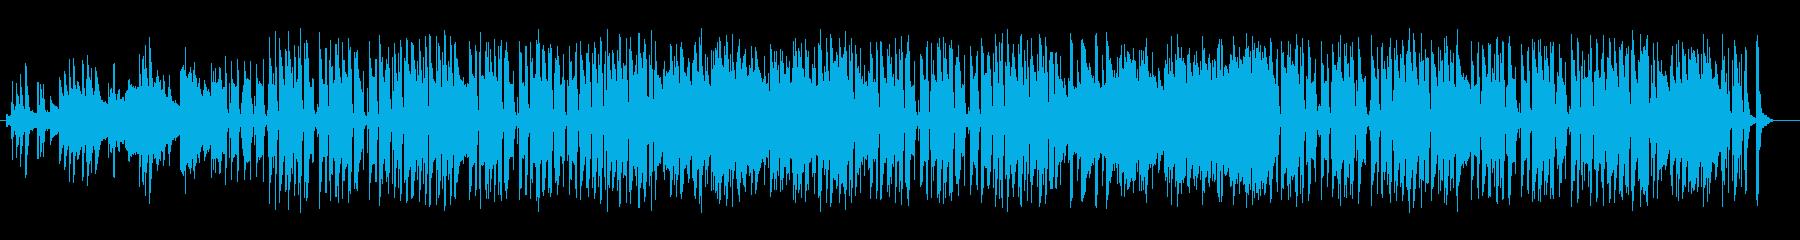 ゆったり優しいピアノサウンドの再生済みの波形